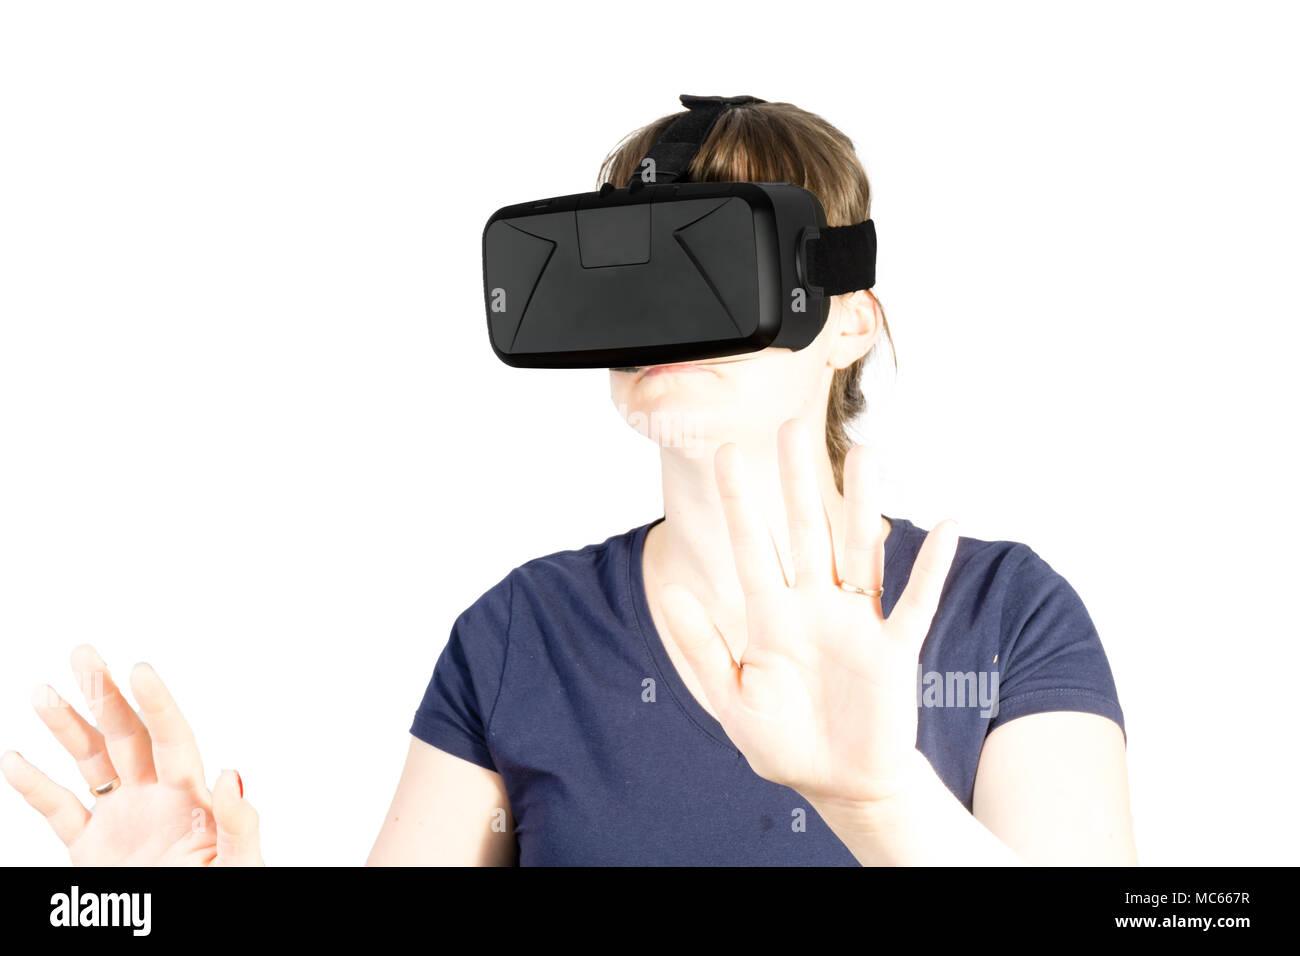 Attraente giovane donna regolando il suo auricolare VR. Isolato su sfondo bianco Immagini Stock